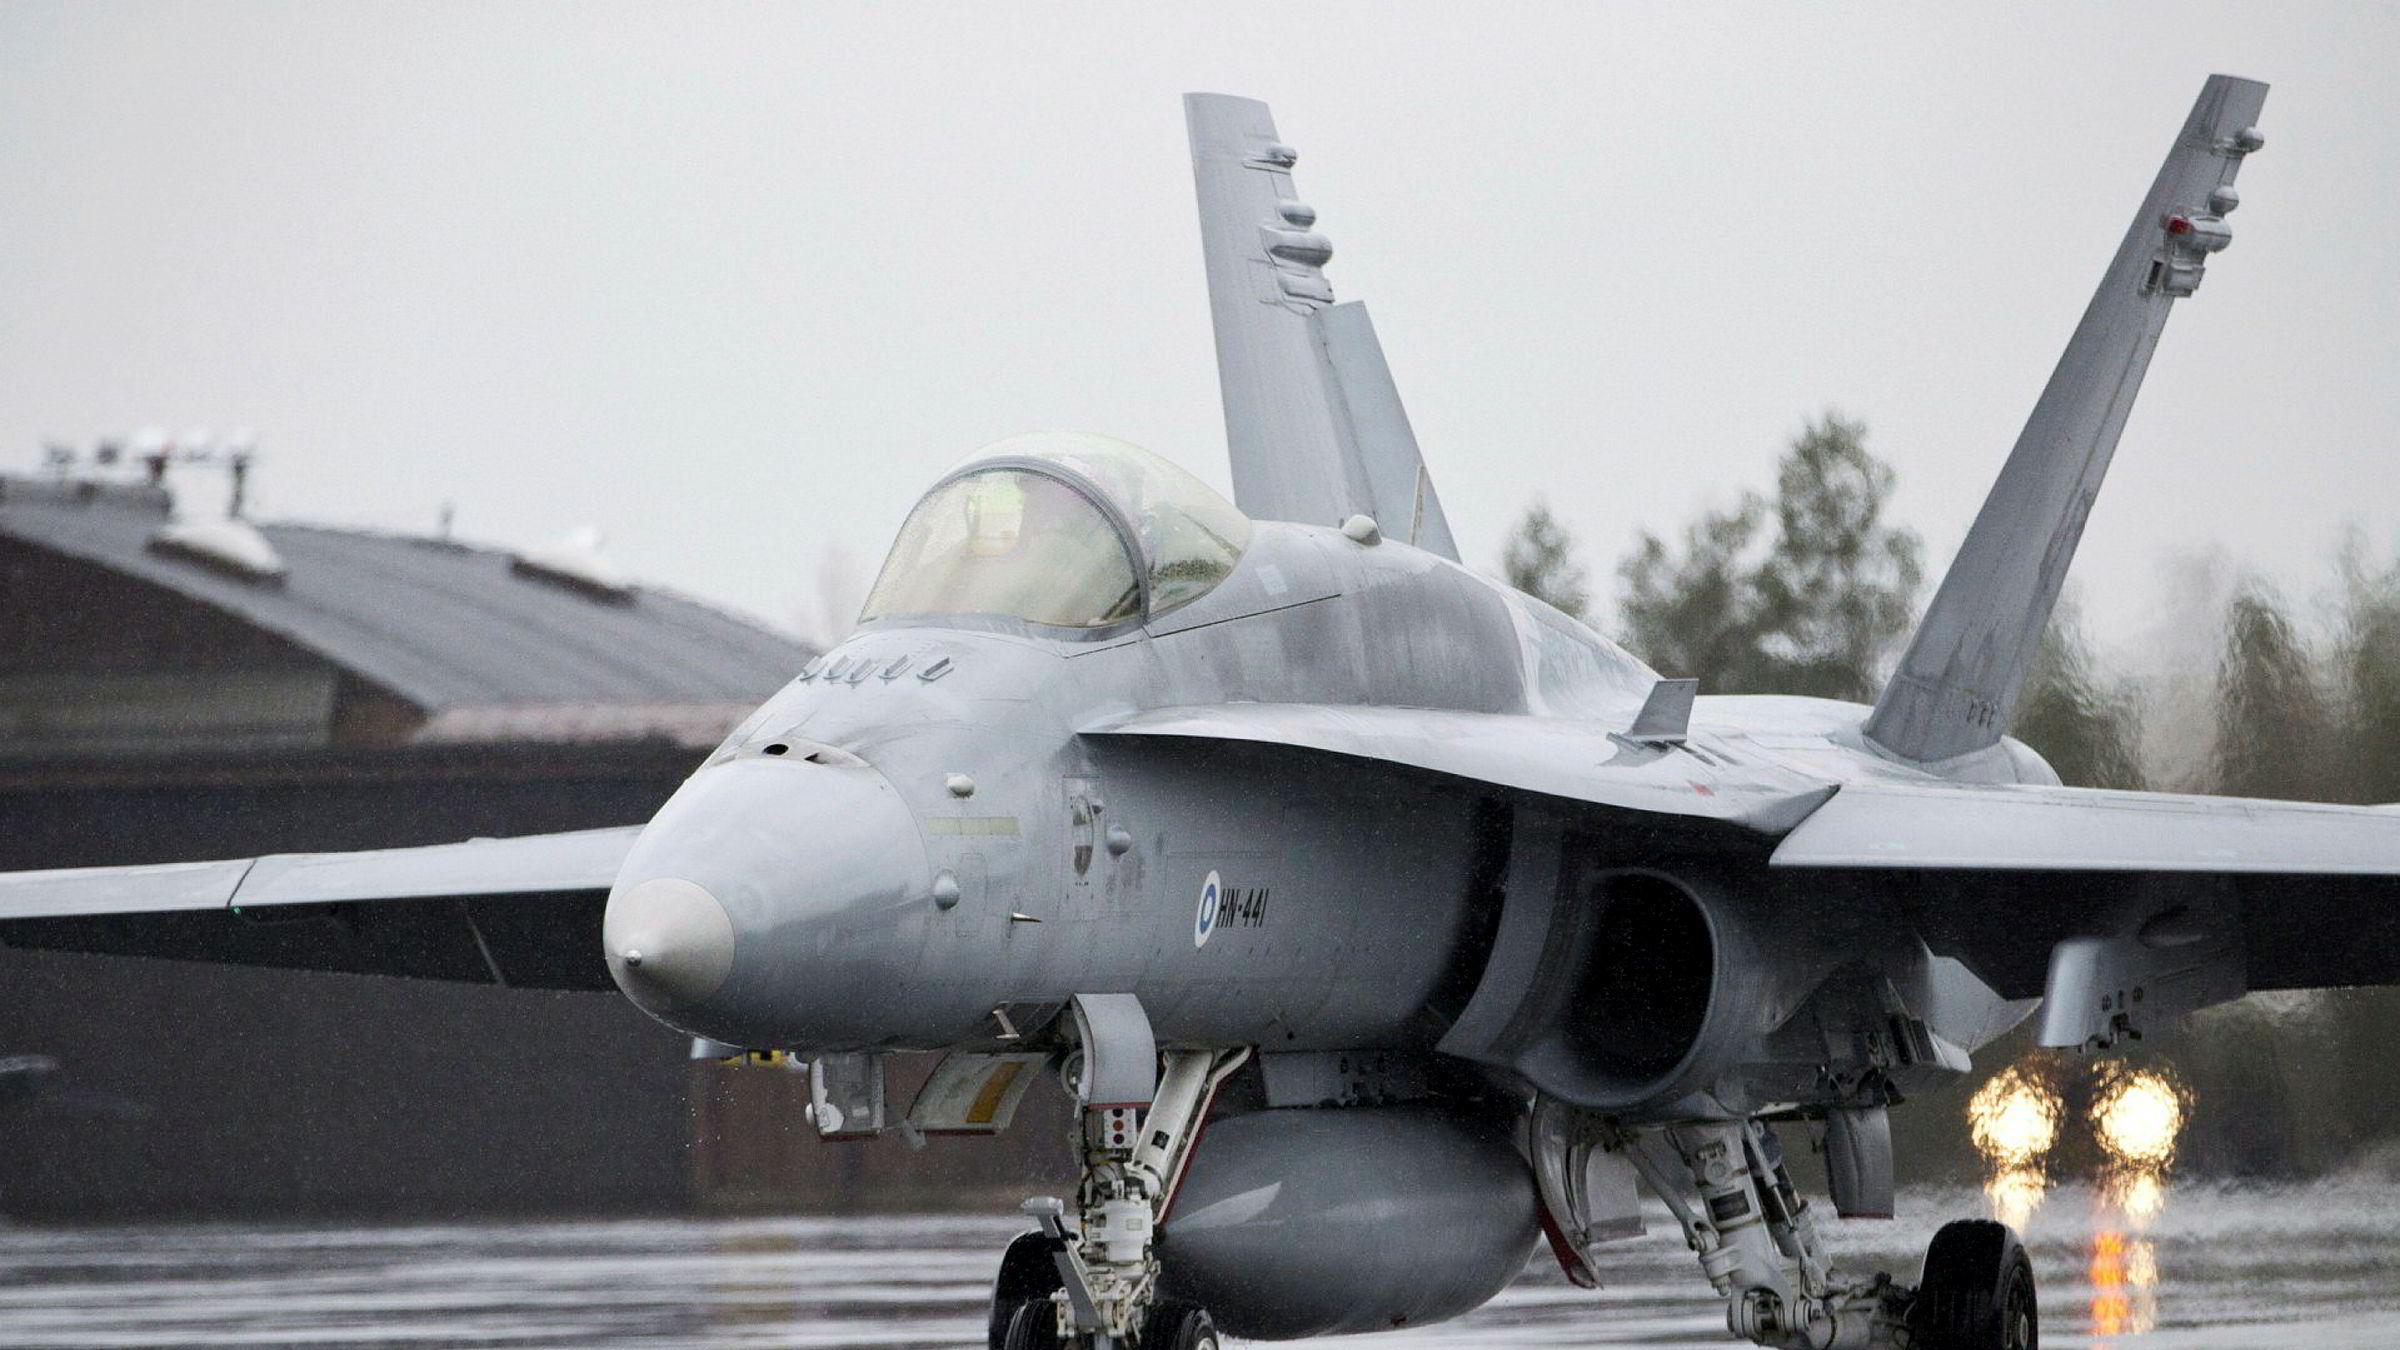 Et finsk F/A-18 Hornet kampfly i Rovaniemi på øvelsen Arctic Challenge Exercise arrangert av Norge, Sverige og Finland.